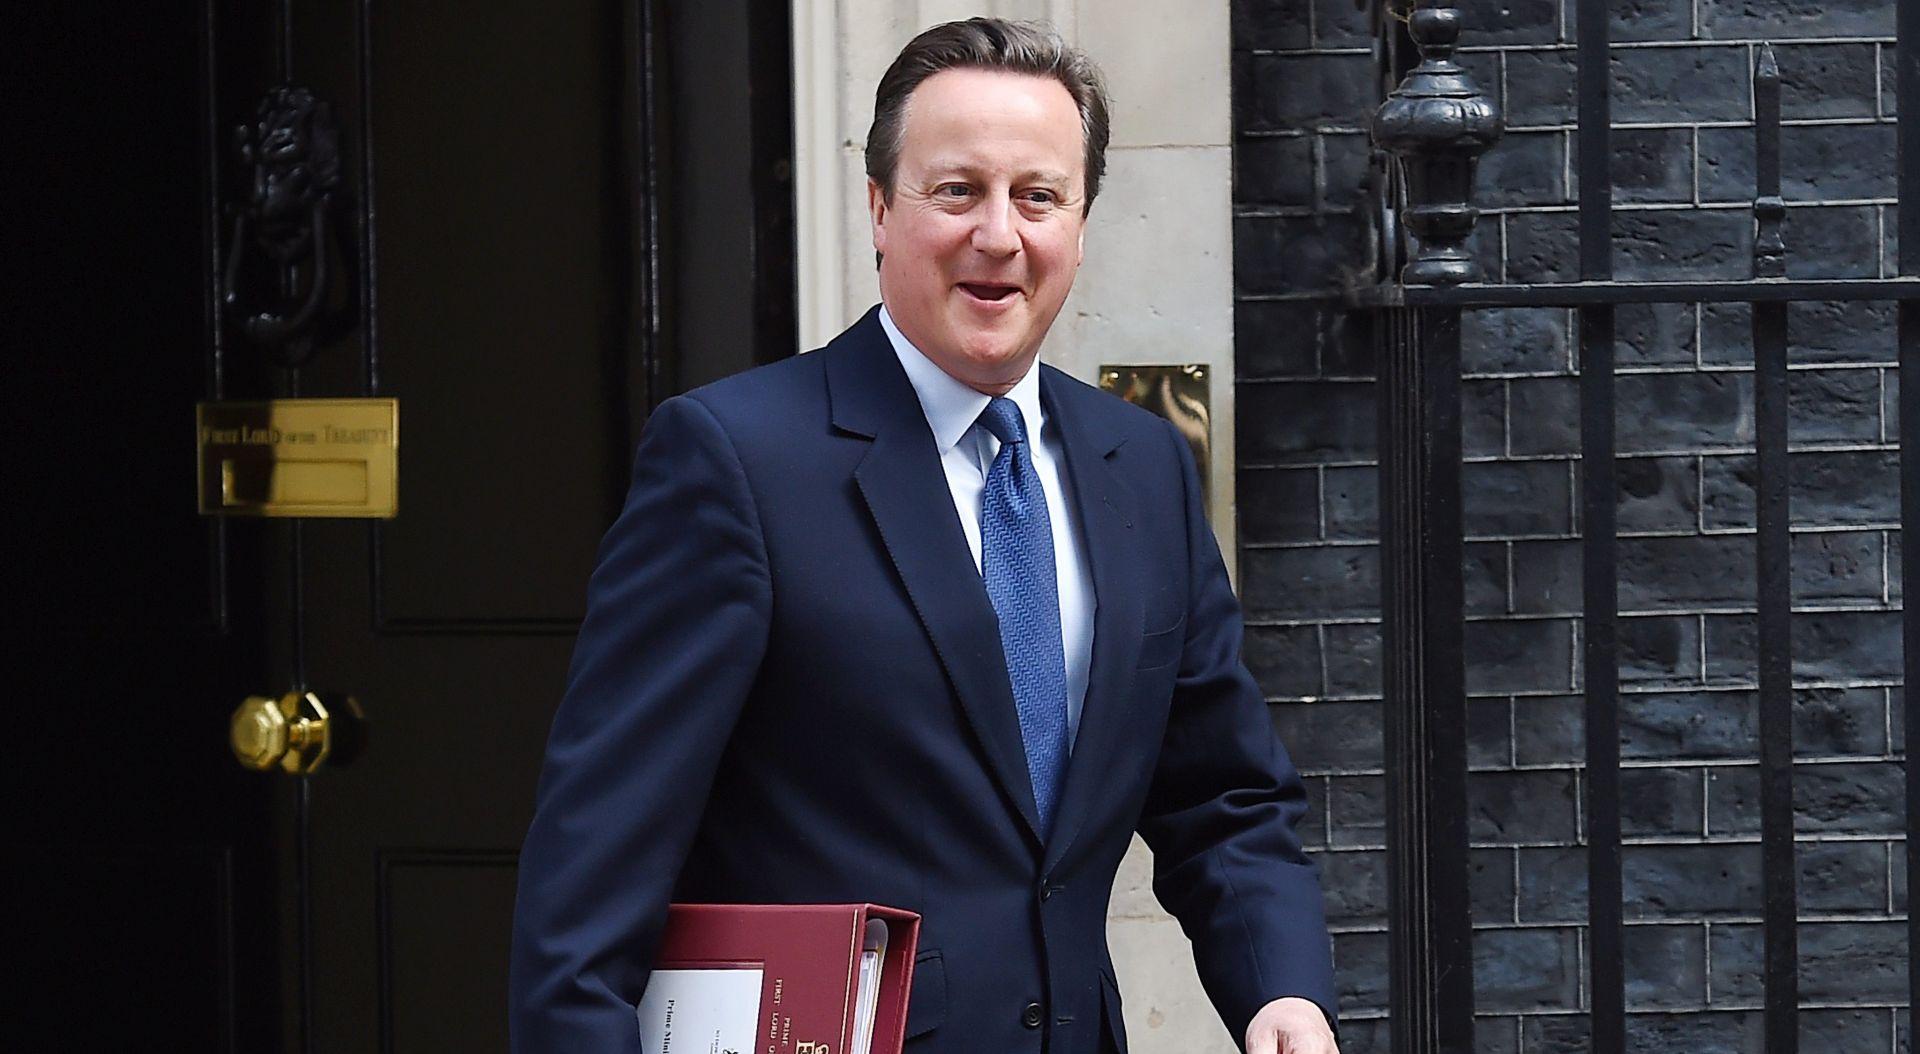 Cameron u posljednjem obraćanju parlamentu pozvao May da ostane uz EU